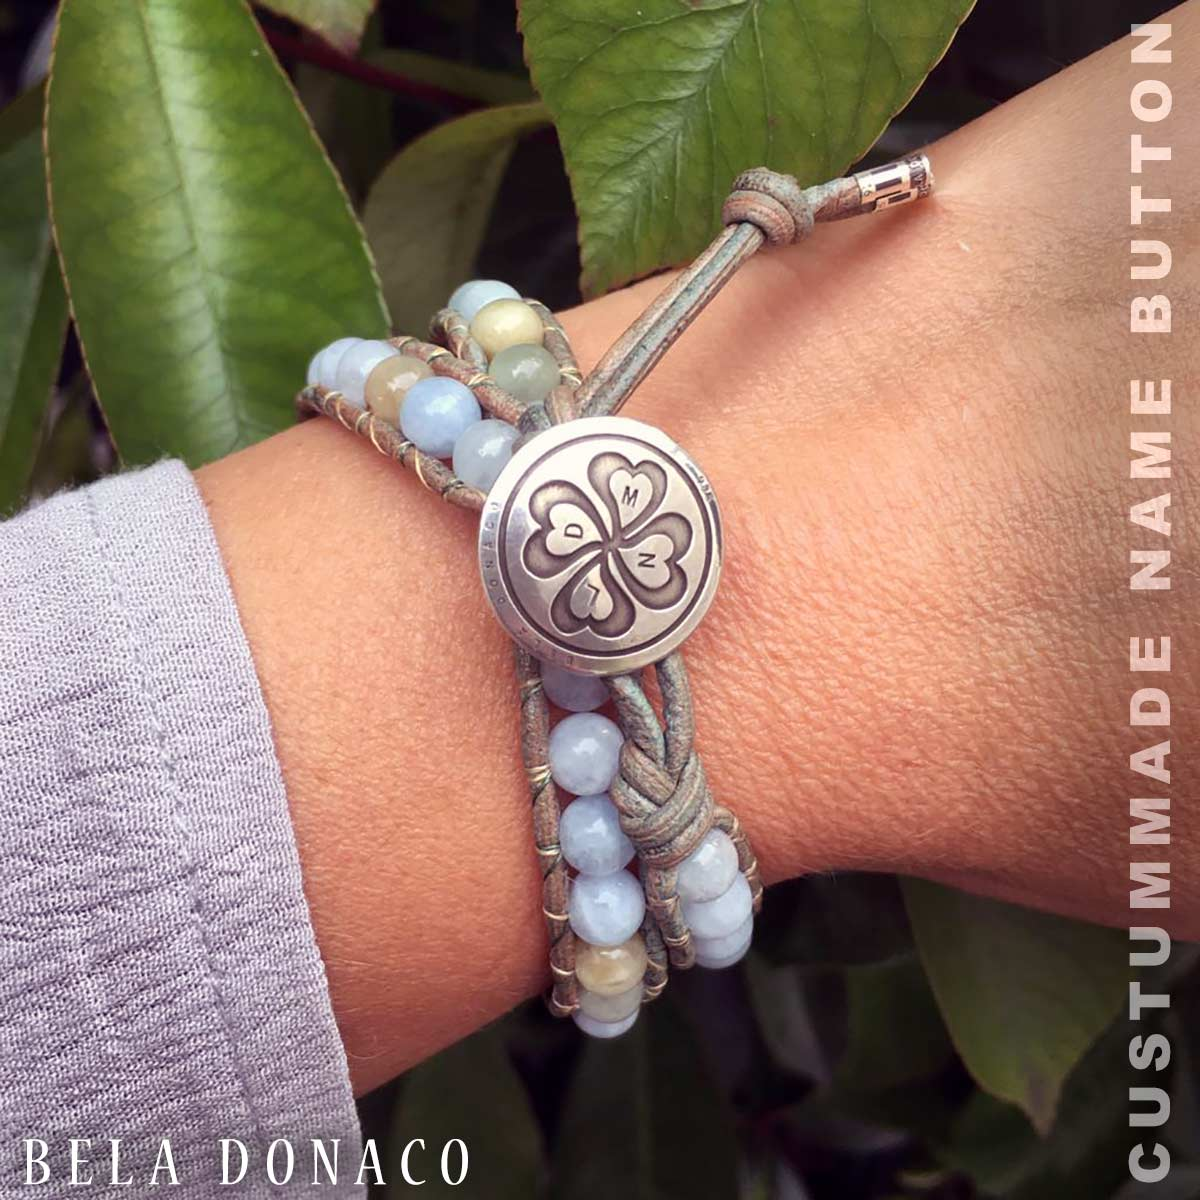 Je bekijkt nu Bela Donaco Custom Made Jewelry